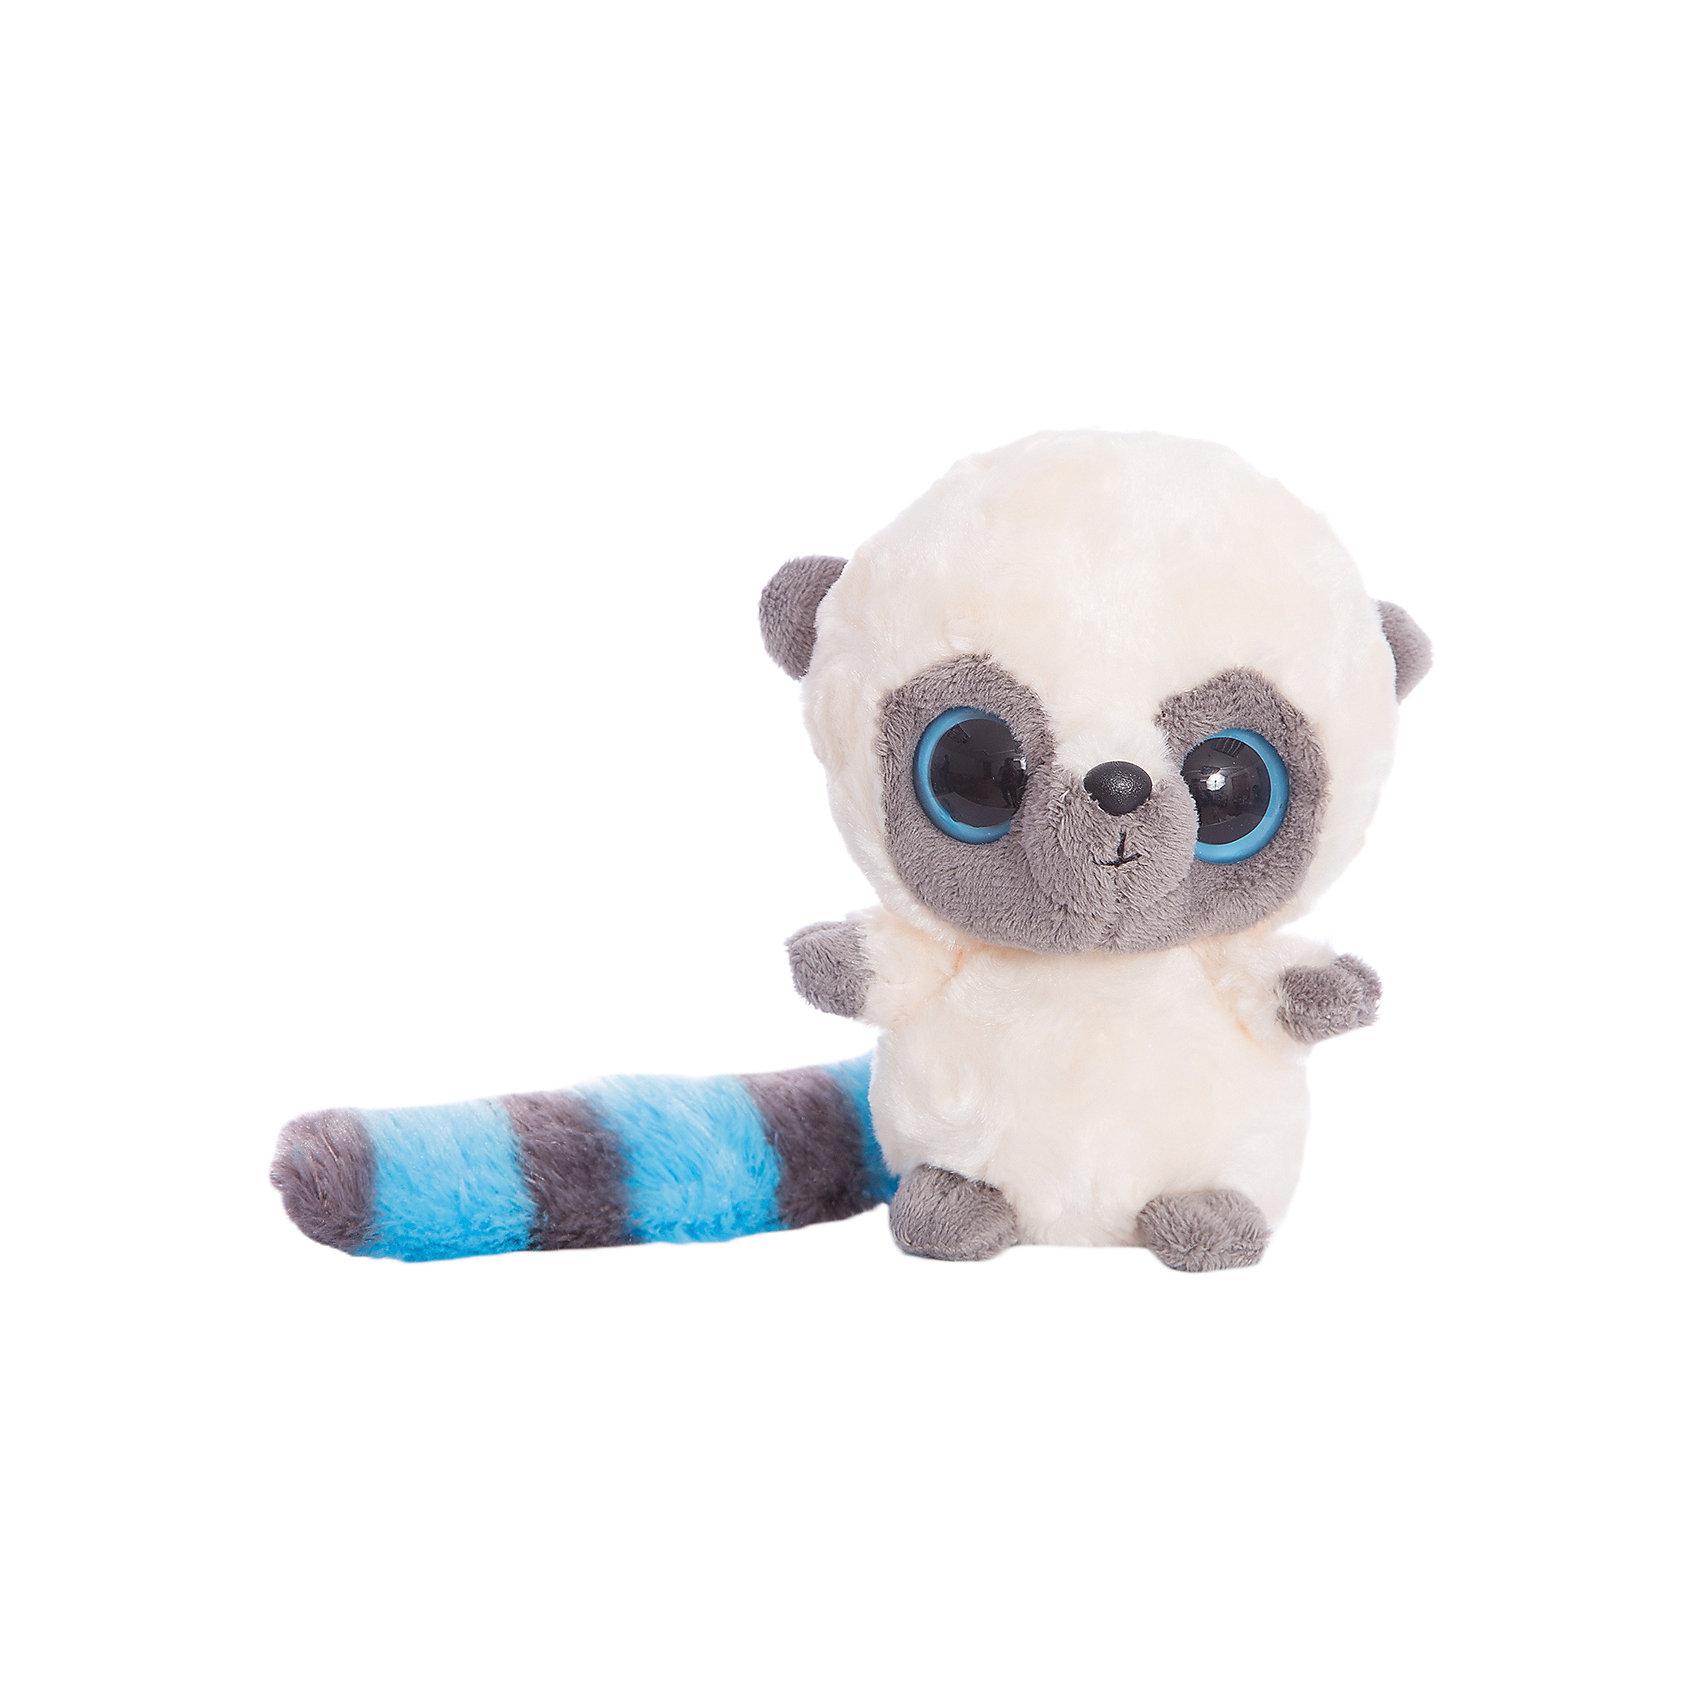 AURORA Мягкая игрушка Юху голубой, 12см, Юху и друзья, AURORA большую мягкую игрушку собаку лежа в москве